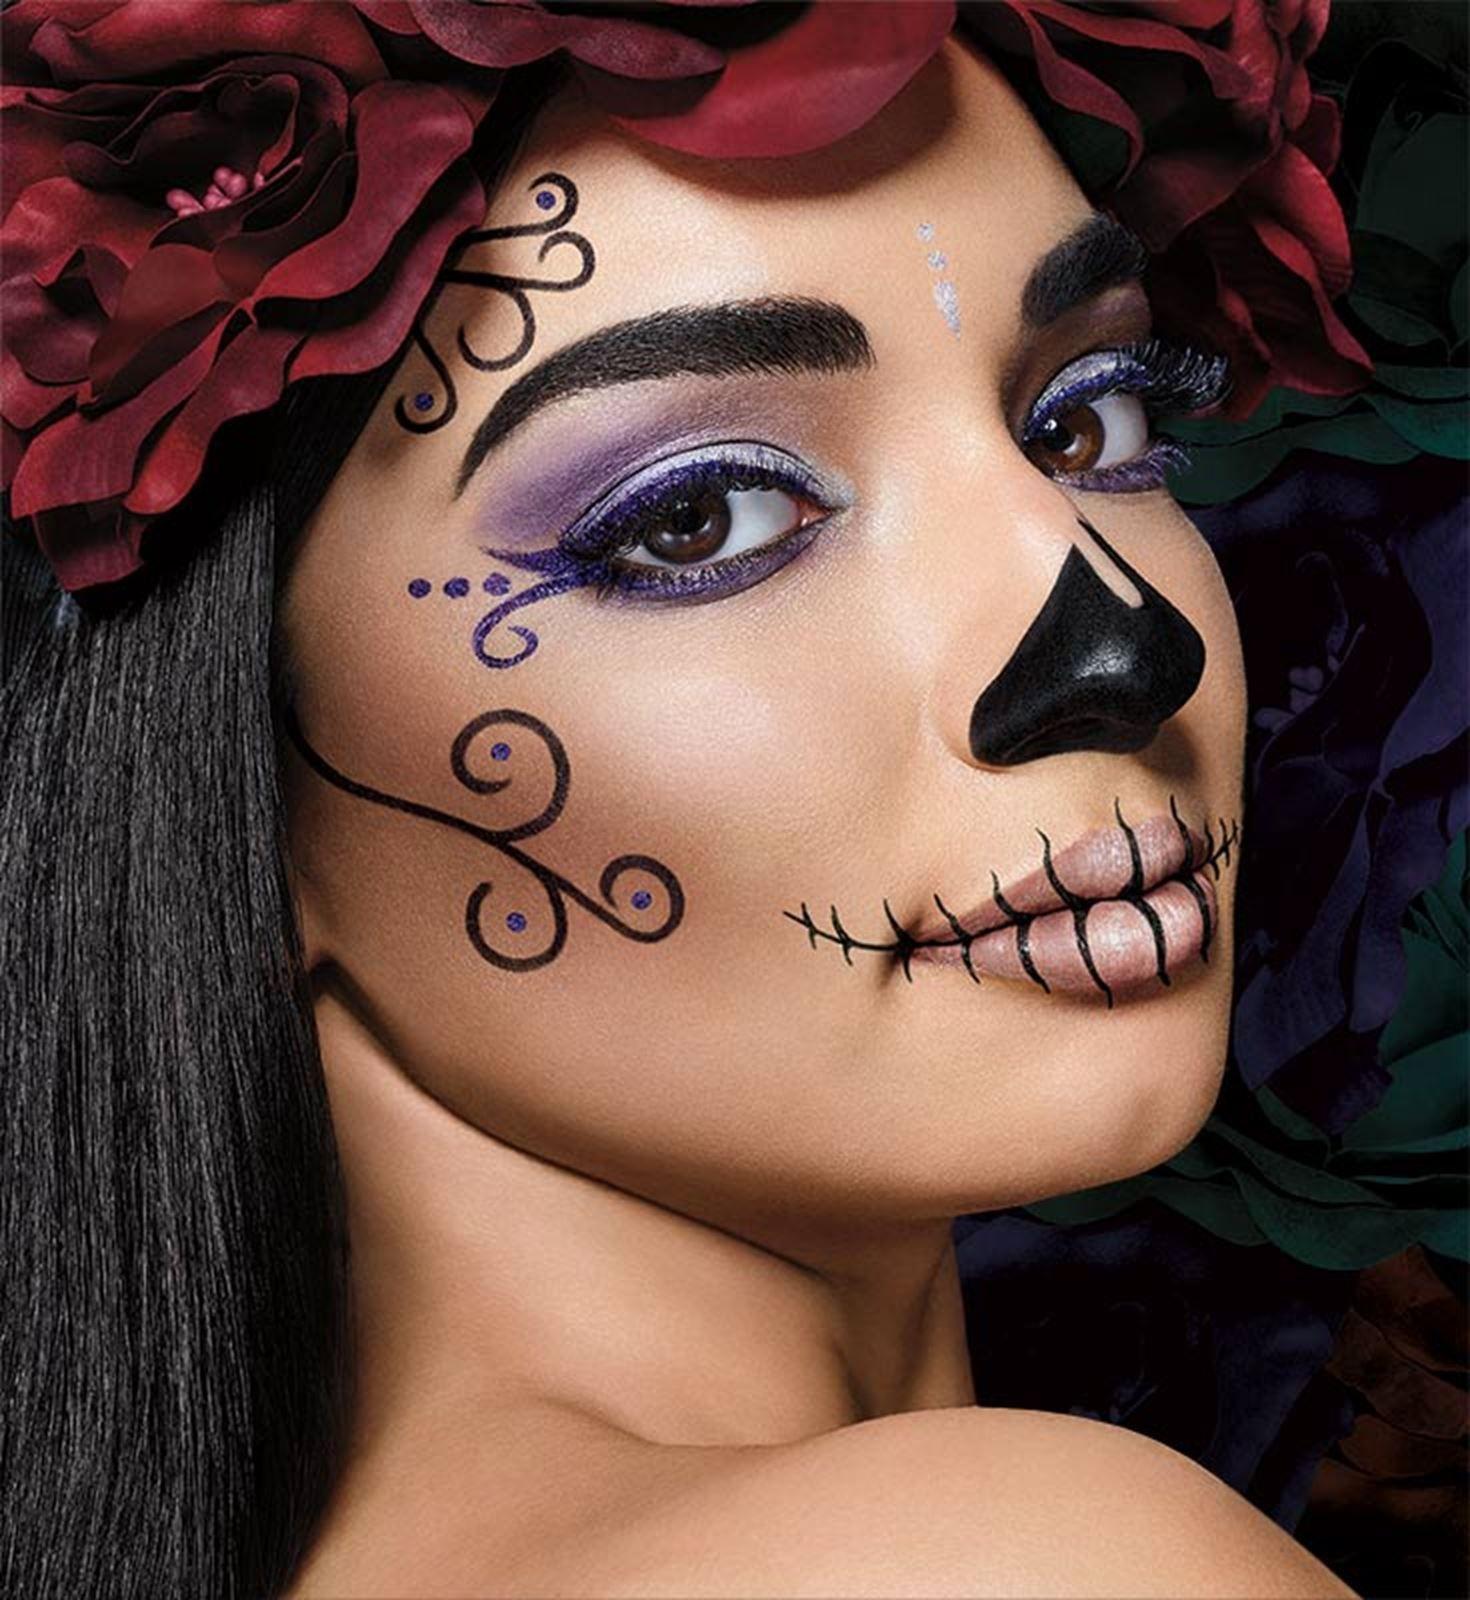 Maybelline Tip Tutorial Halloween Sugar Skull Endlook Header Image Halloween Makeup Tutorial Easy Halloween Makeup Sugar Skull Halloween Makeup Diy